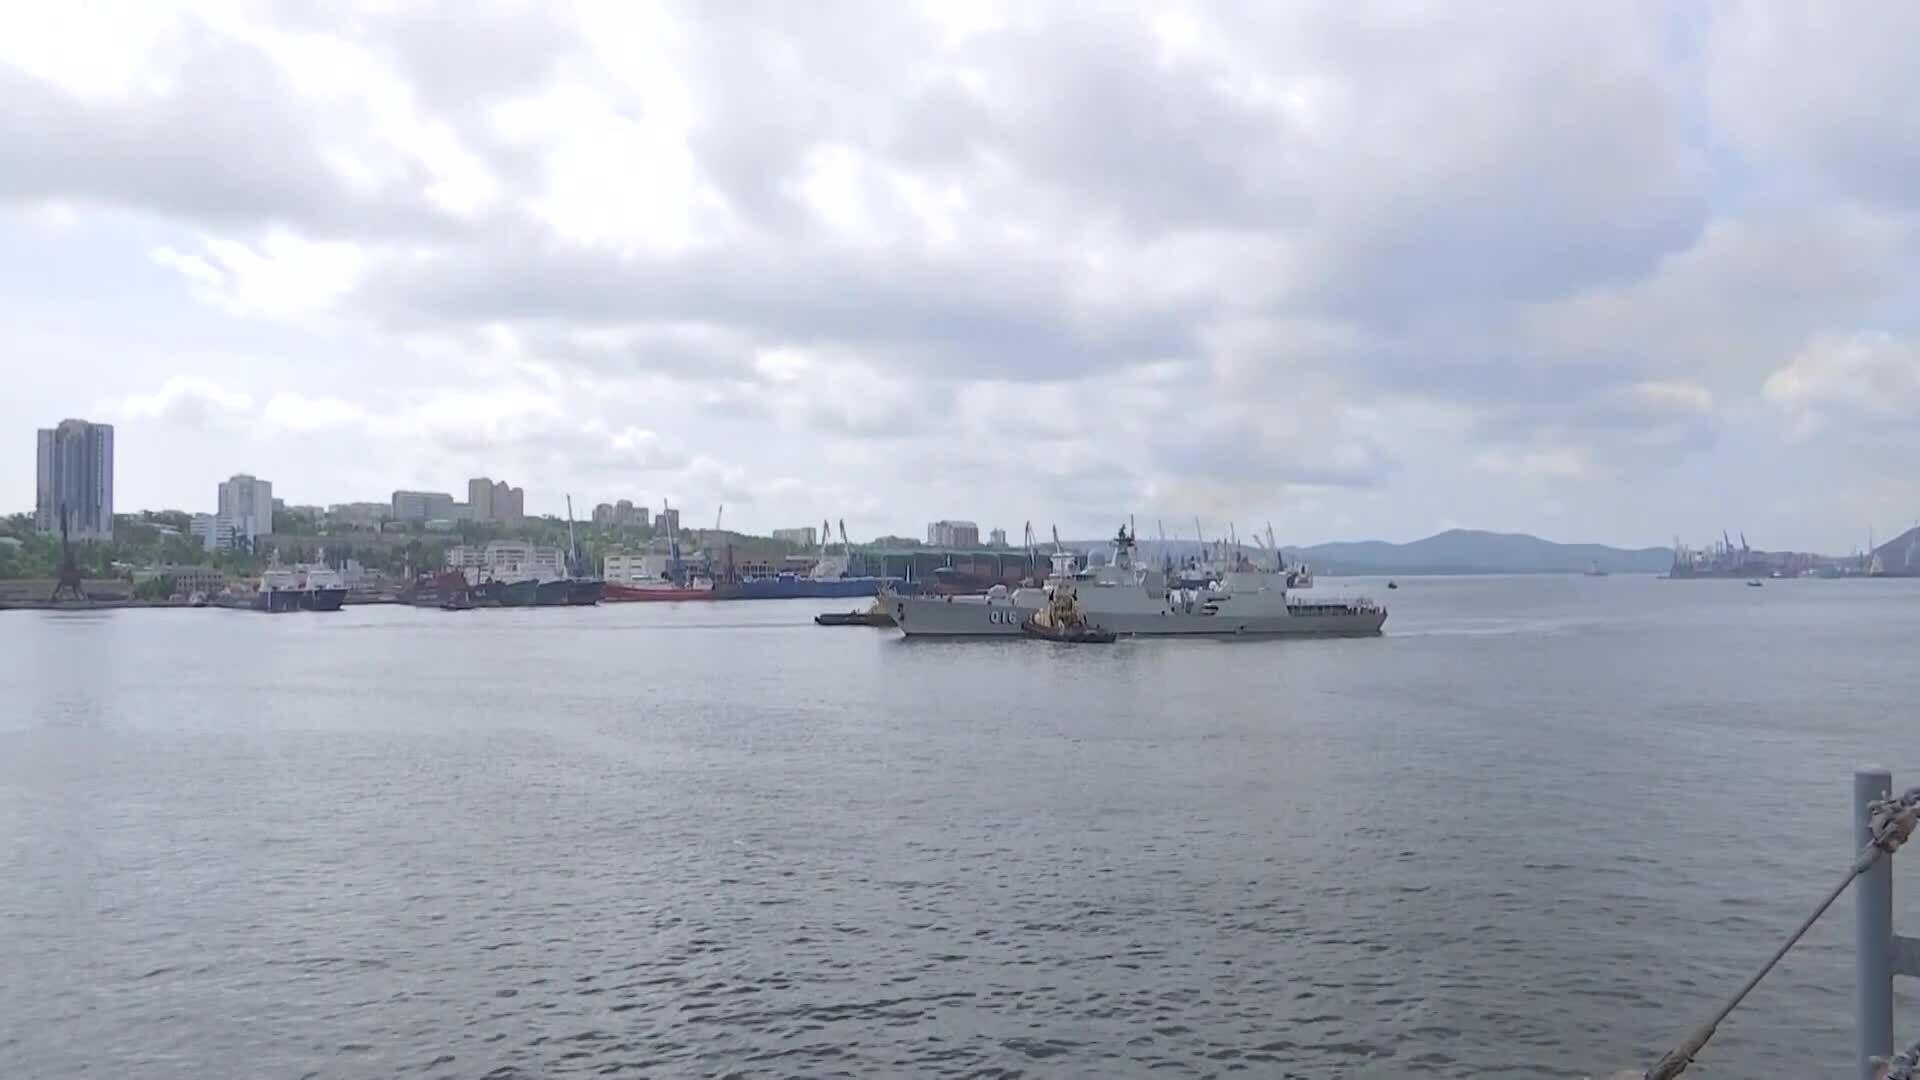 Chiến hạm Việt Nam cập cảng Nga, chuẩn bị thi đấu Army Games